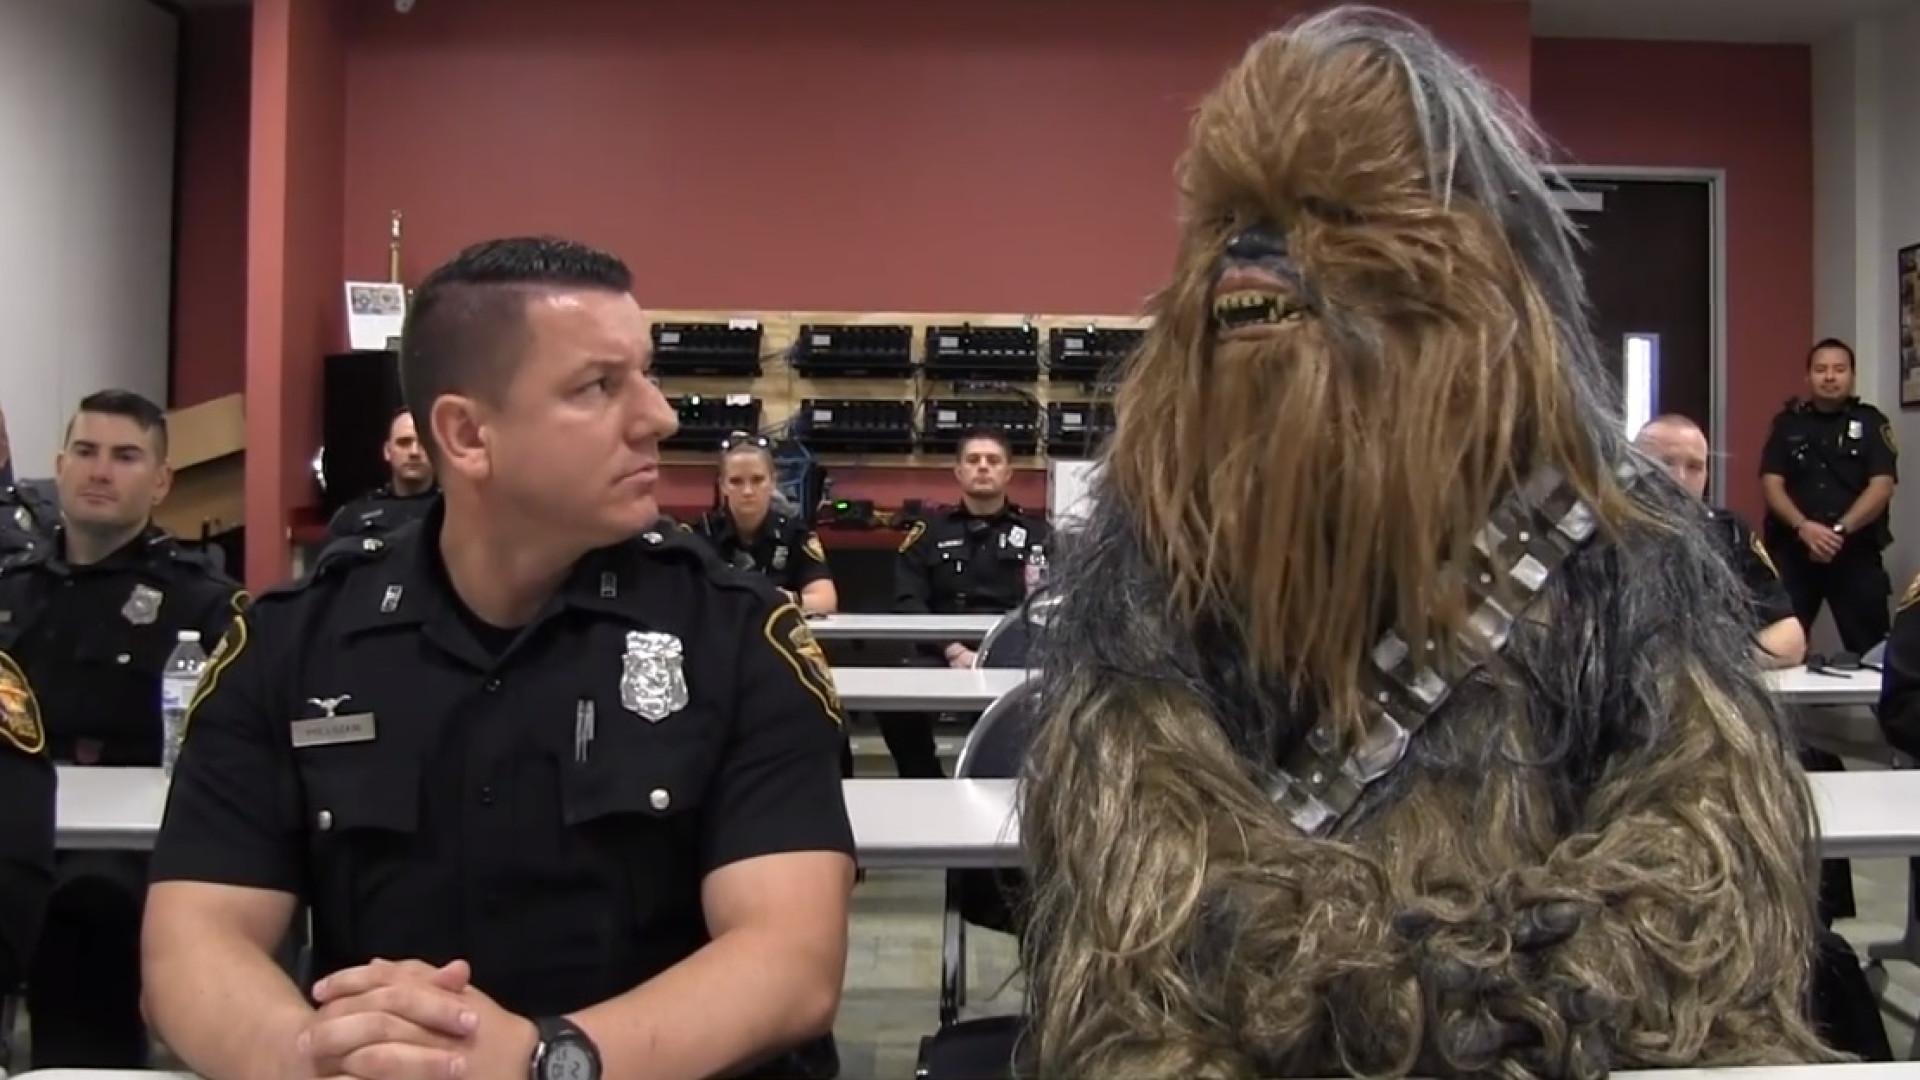 Chewbacca agora é polícia? Recorrer à criatividade para recrutar agentes